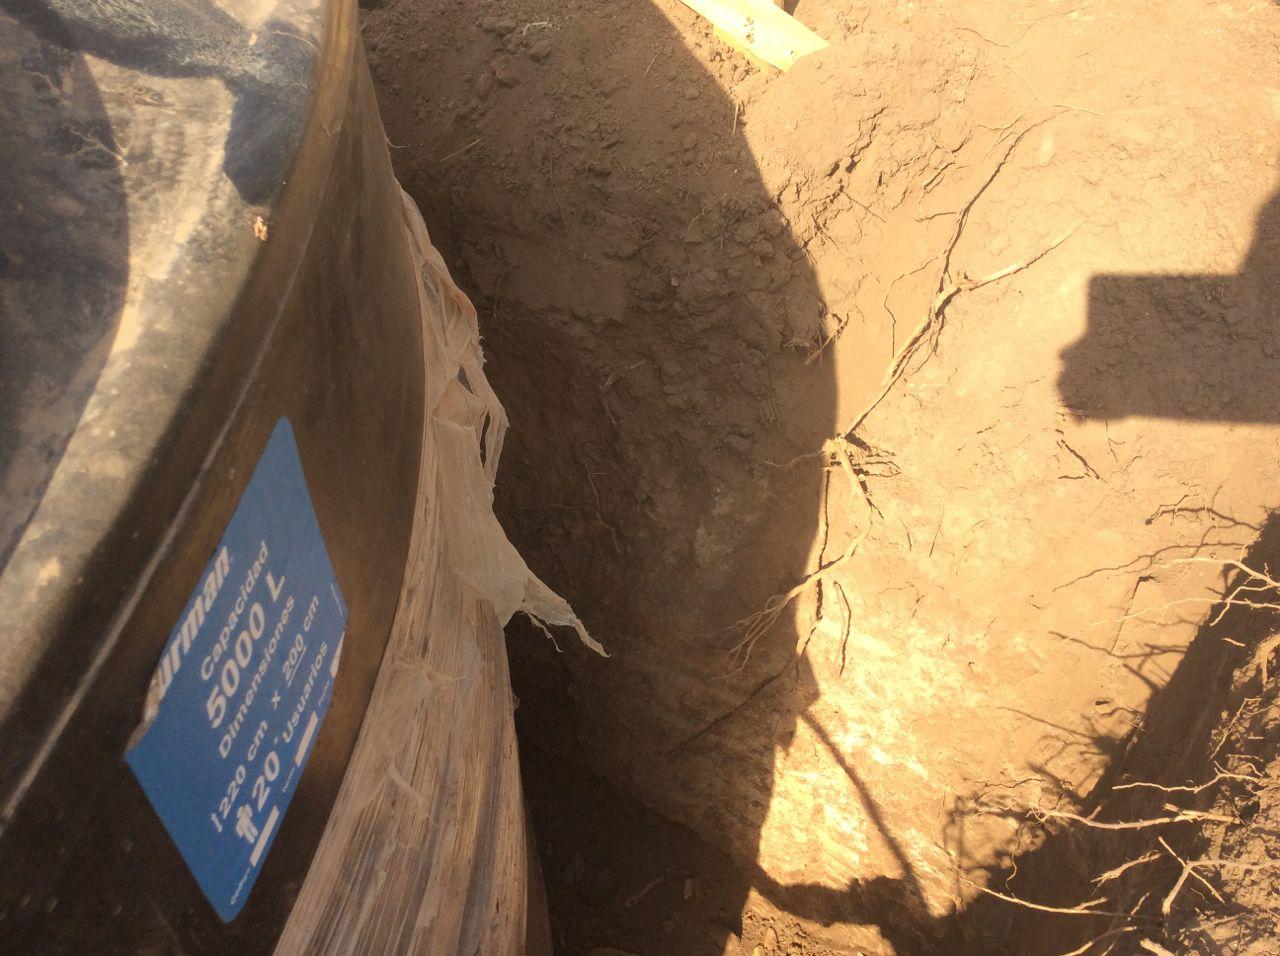 Watertank in place